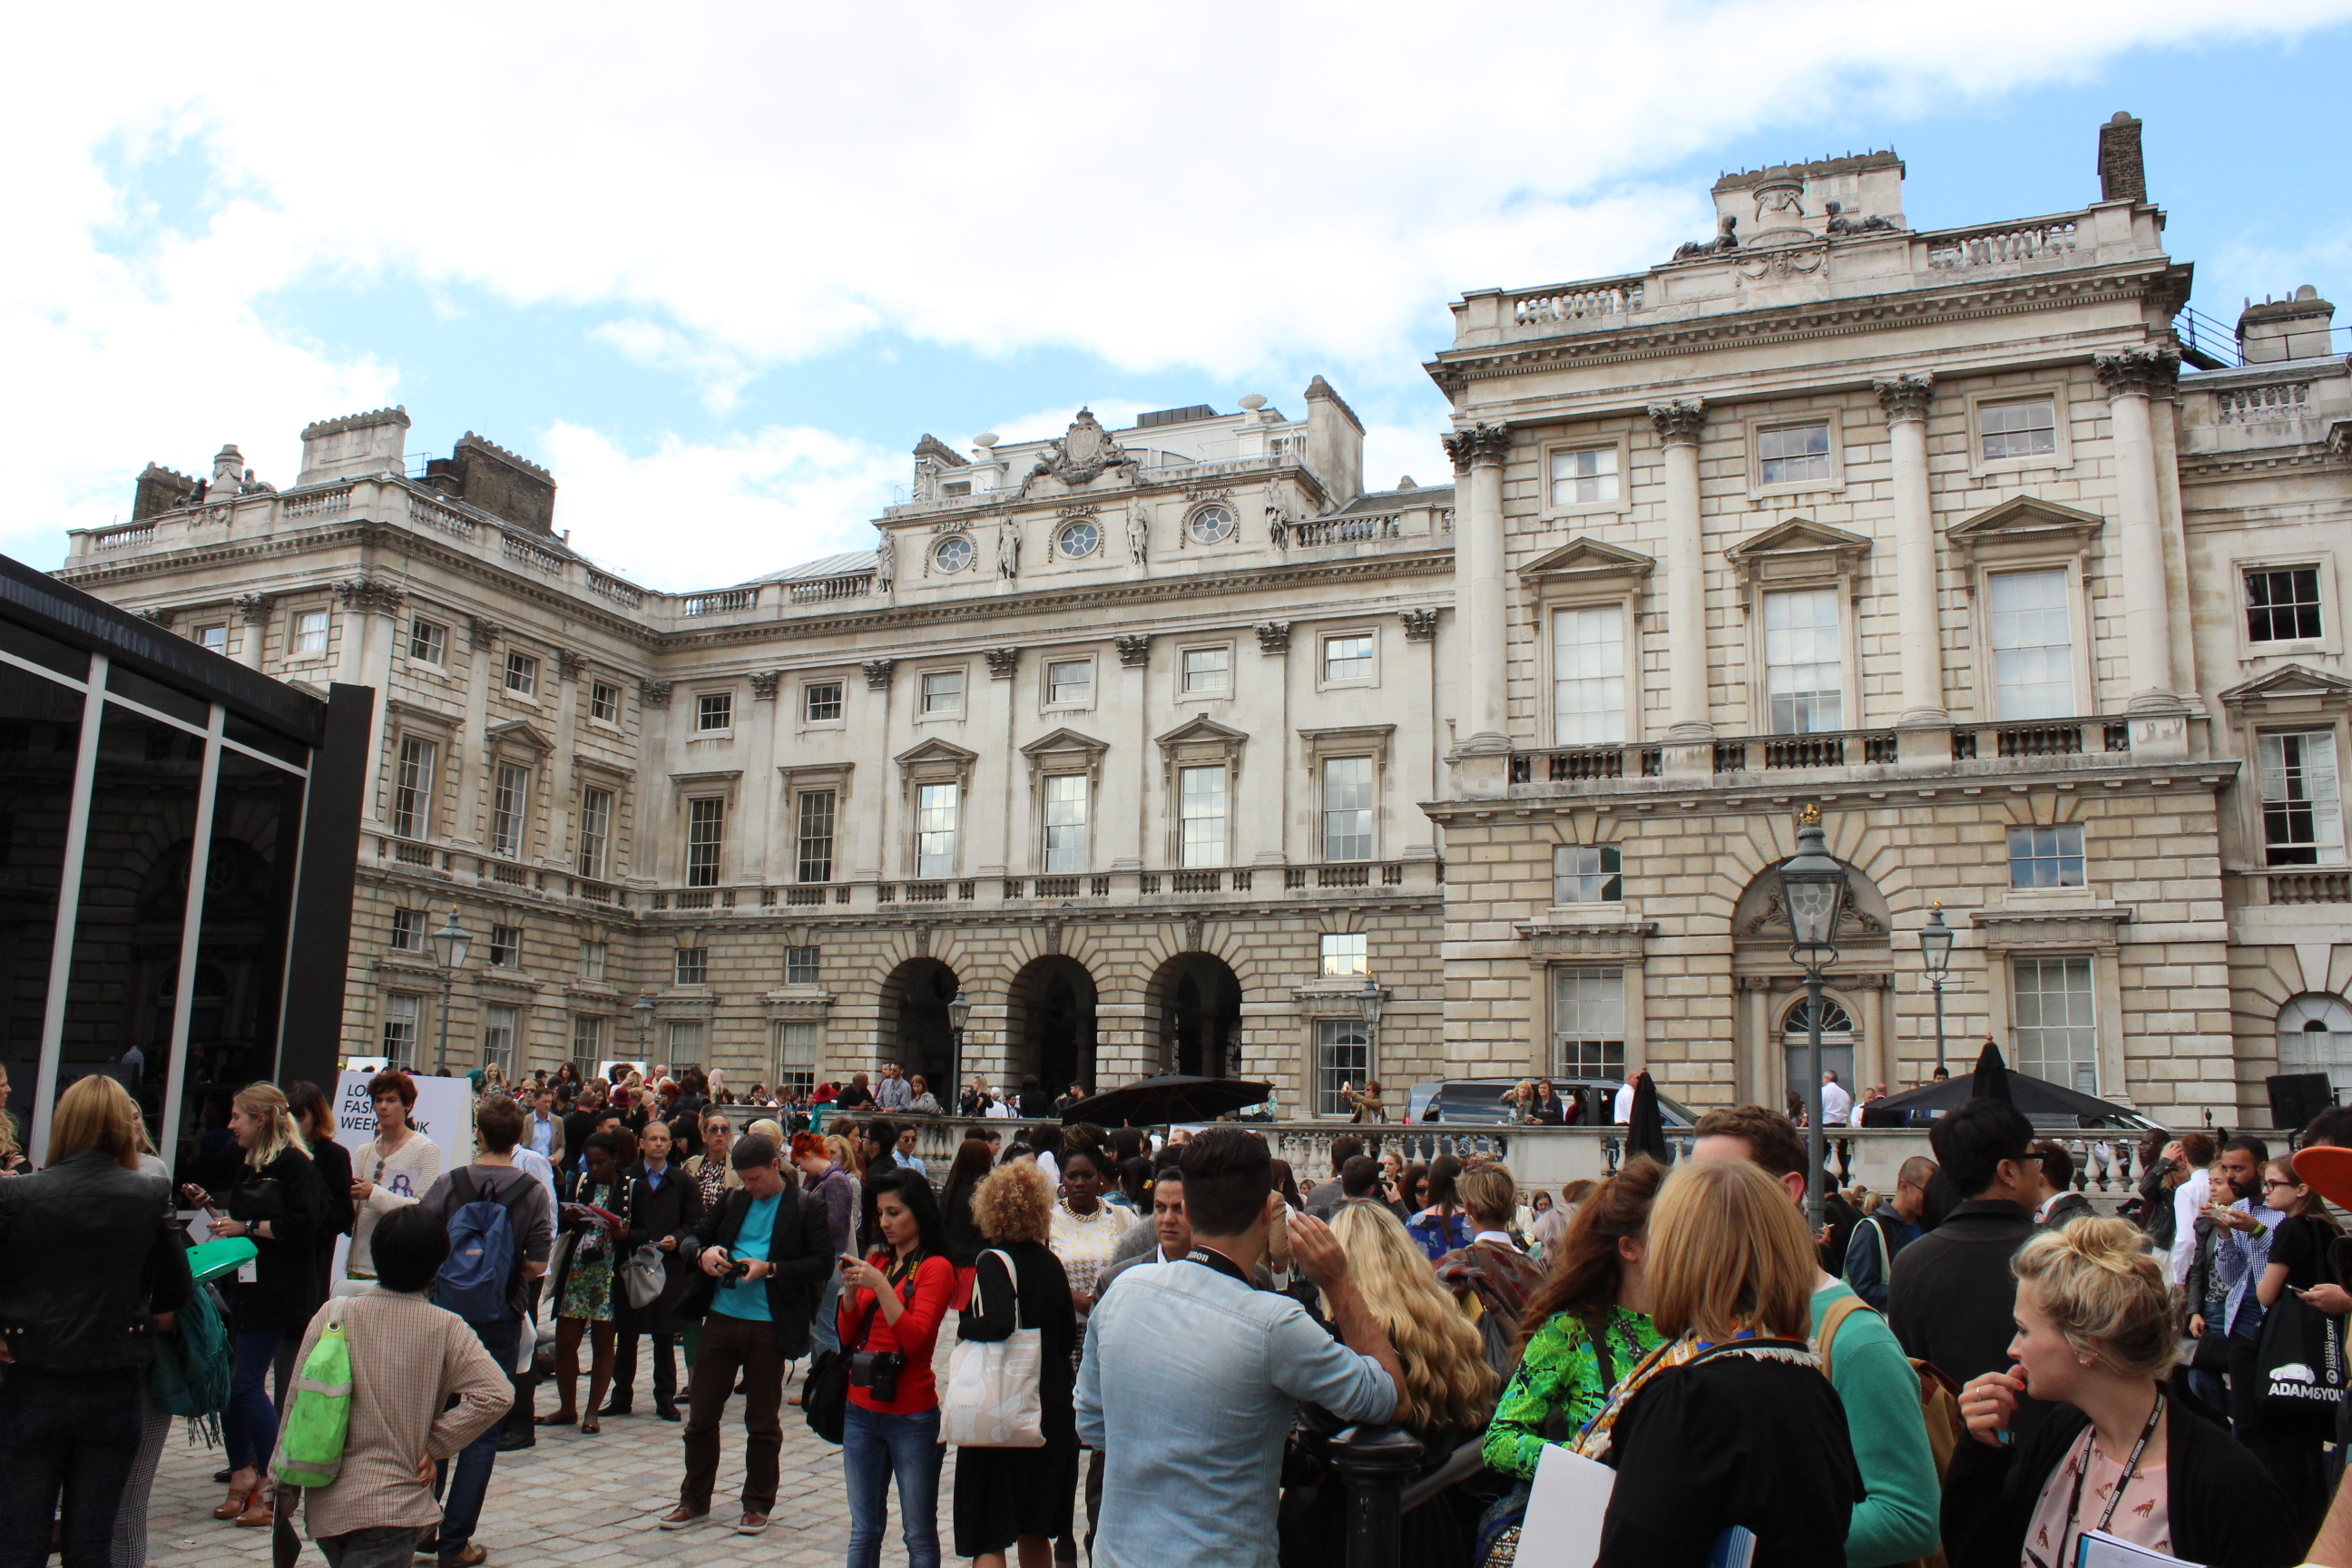 Londres día uno: intensidad, identidad y extravagancia